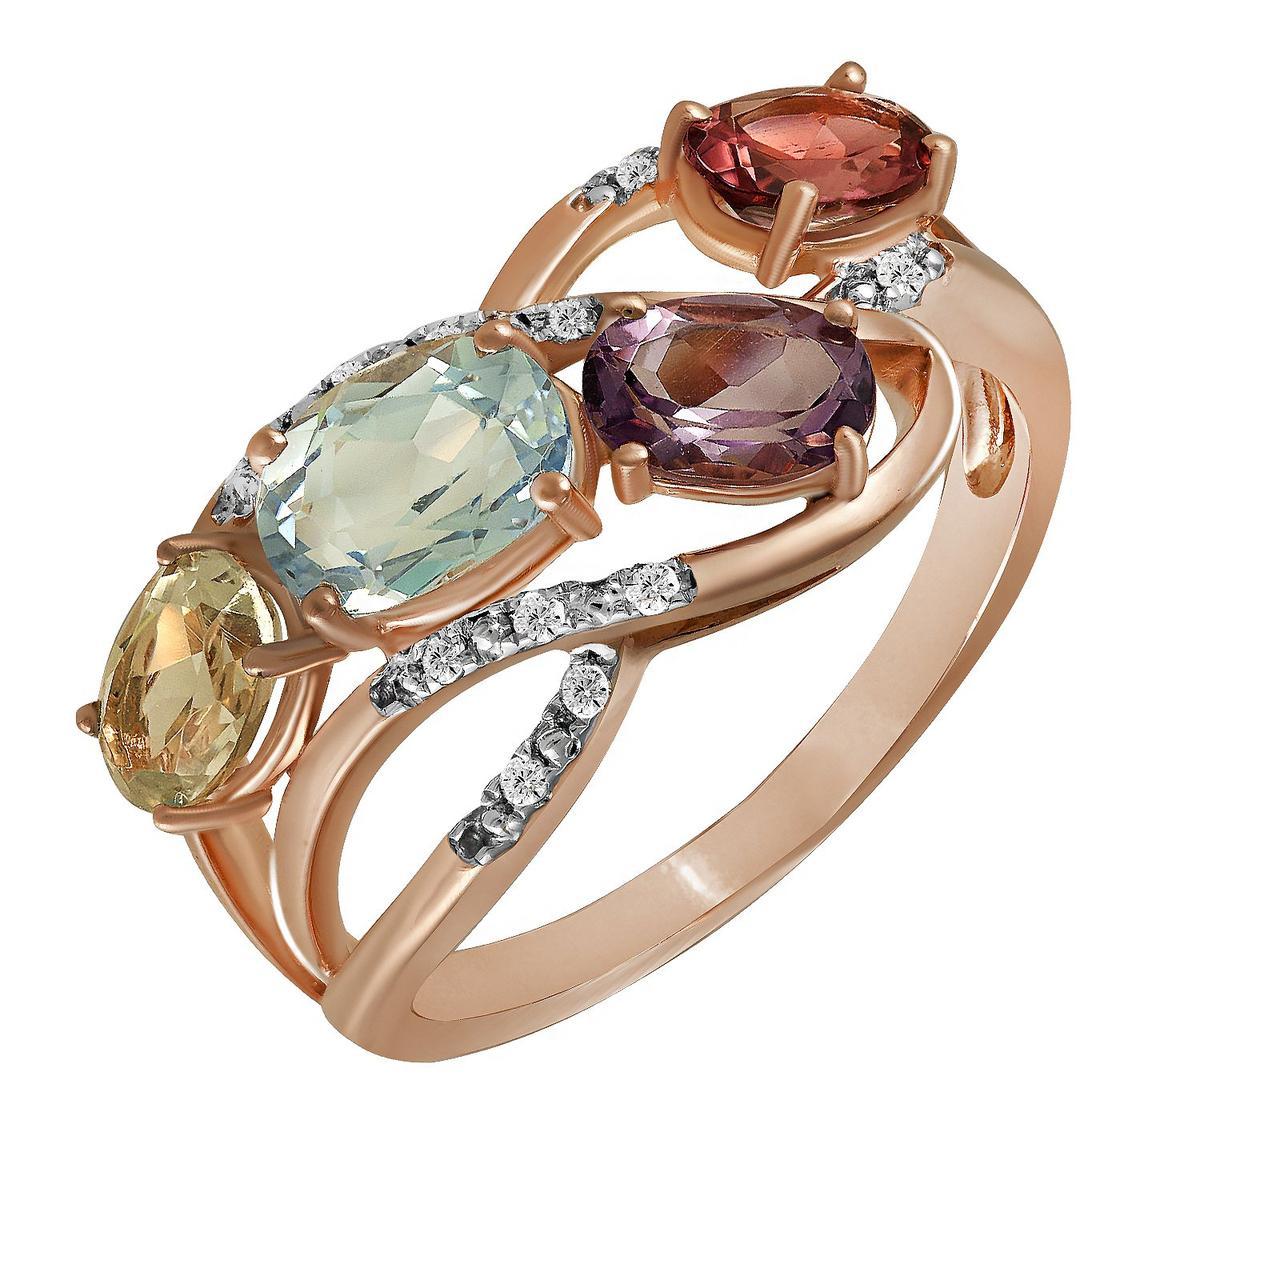 Золотое кольцо, размер 17 (877744)